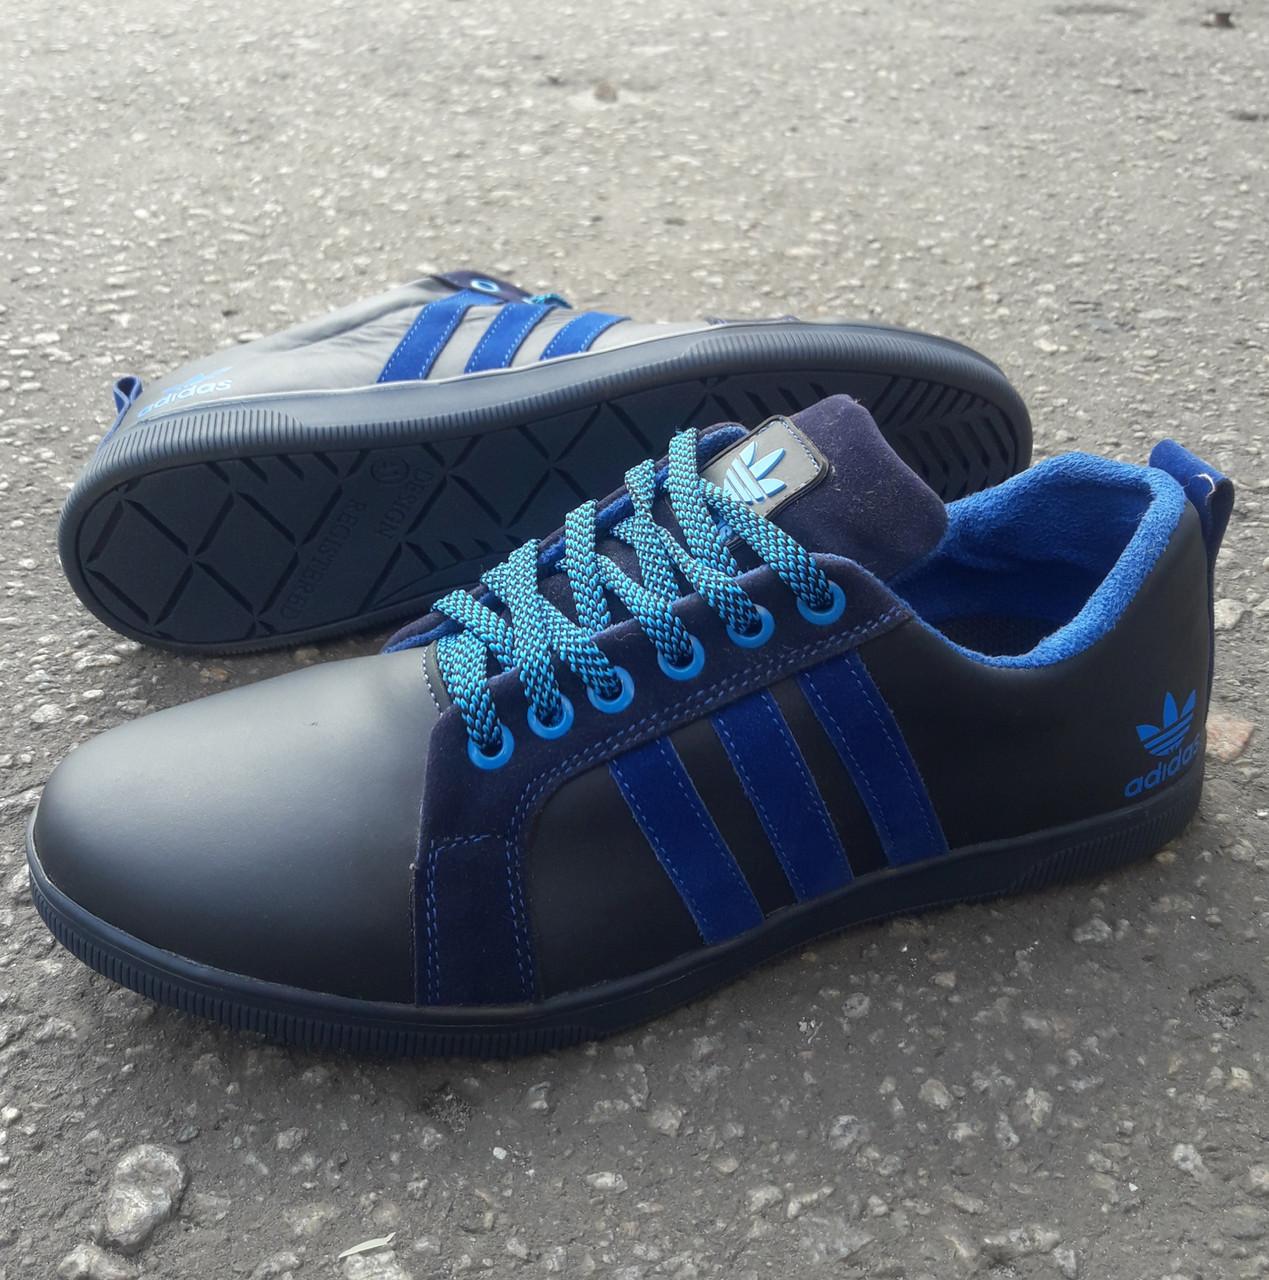 Кроссовки мужские Adidas р.41 кожа Харьков синие